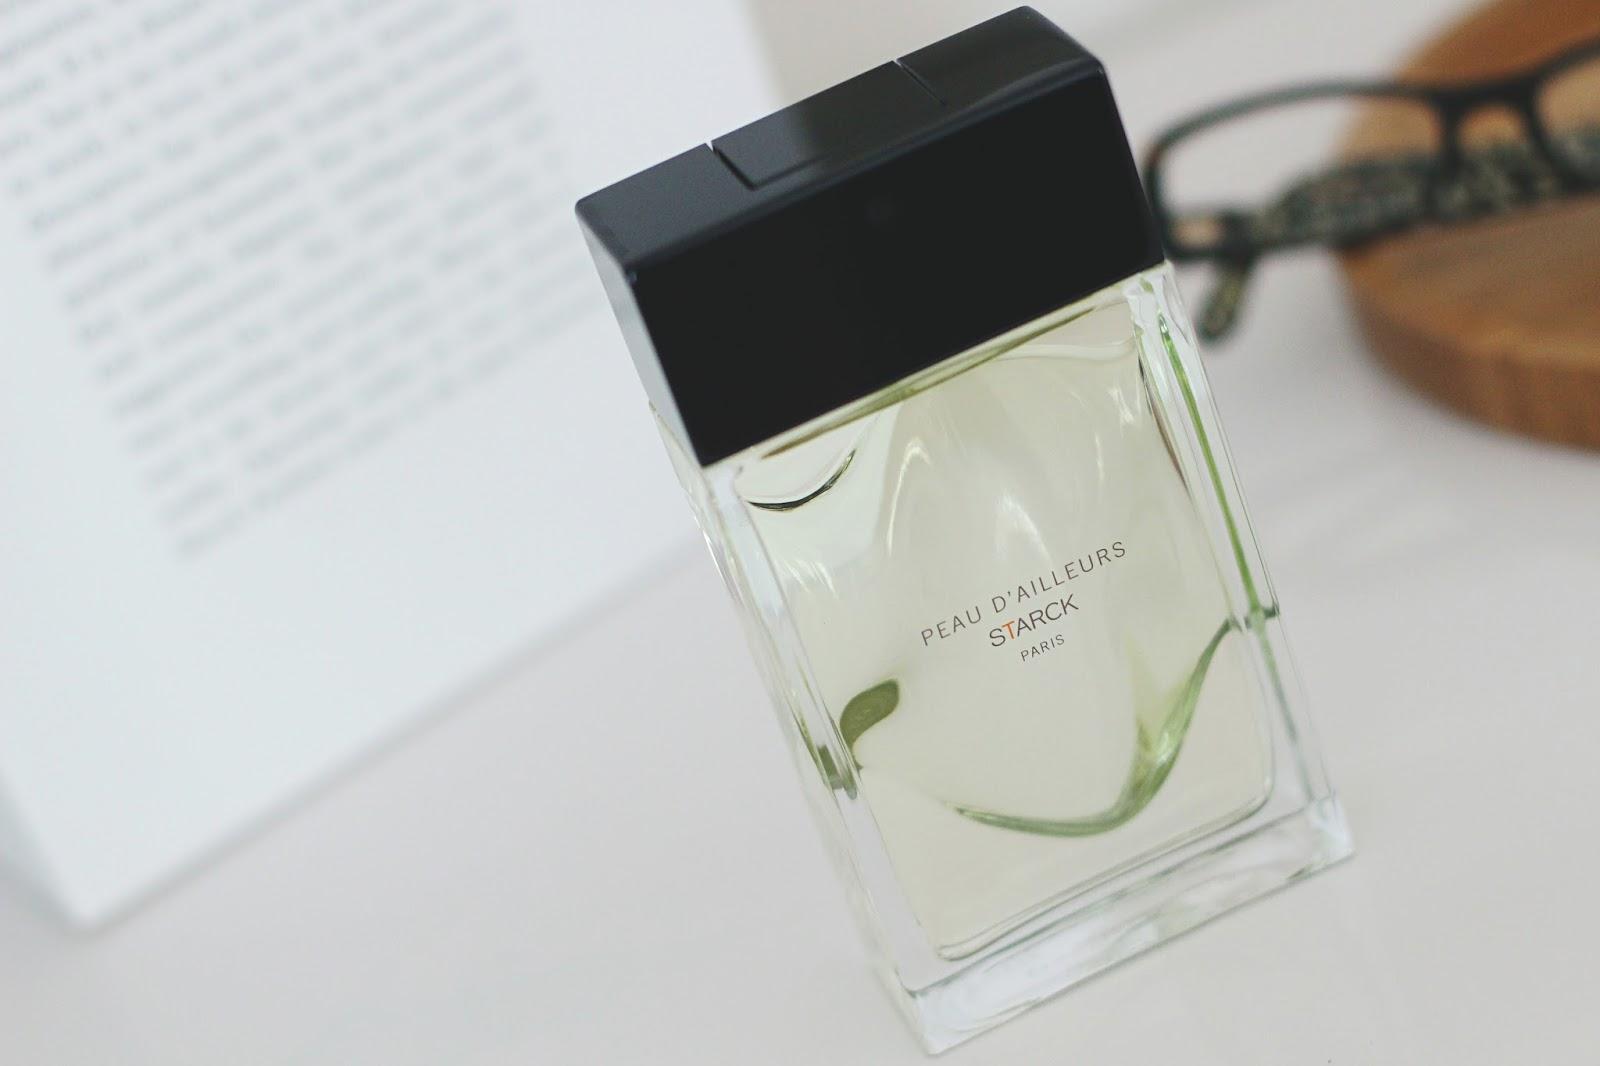 Peau d'Ailleurs Starck parfum